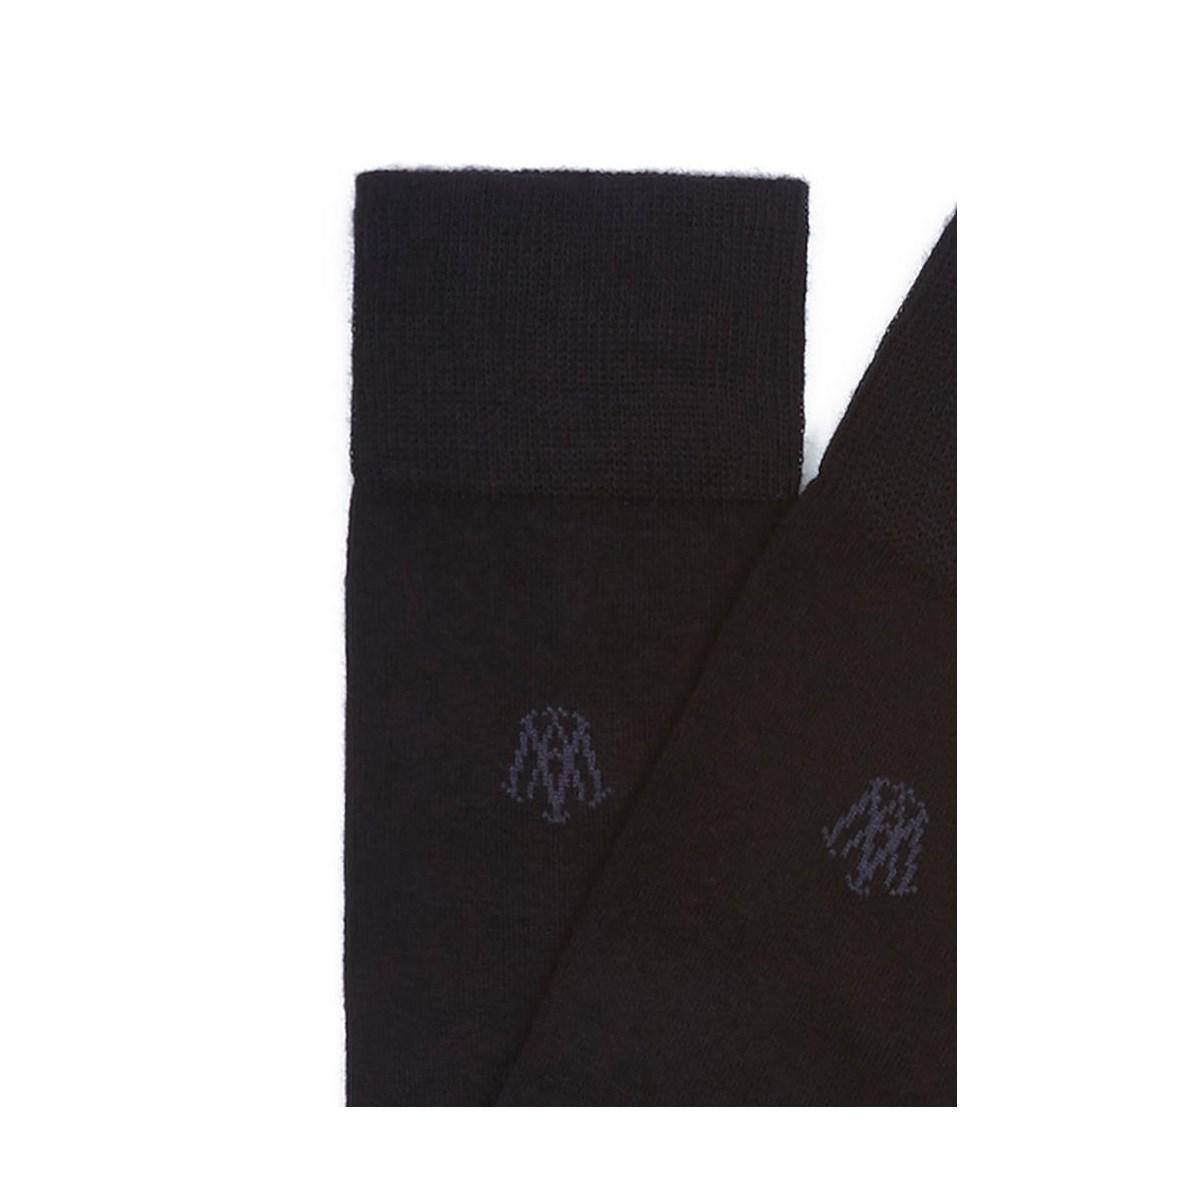 Kadın Siyah Uzun Çorap (090250-26341)